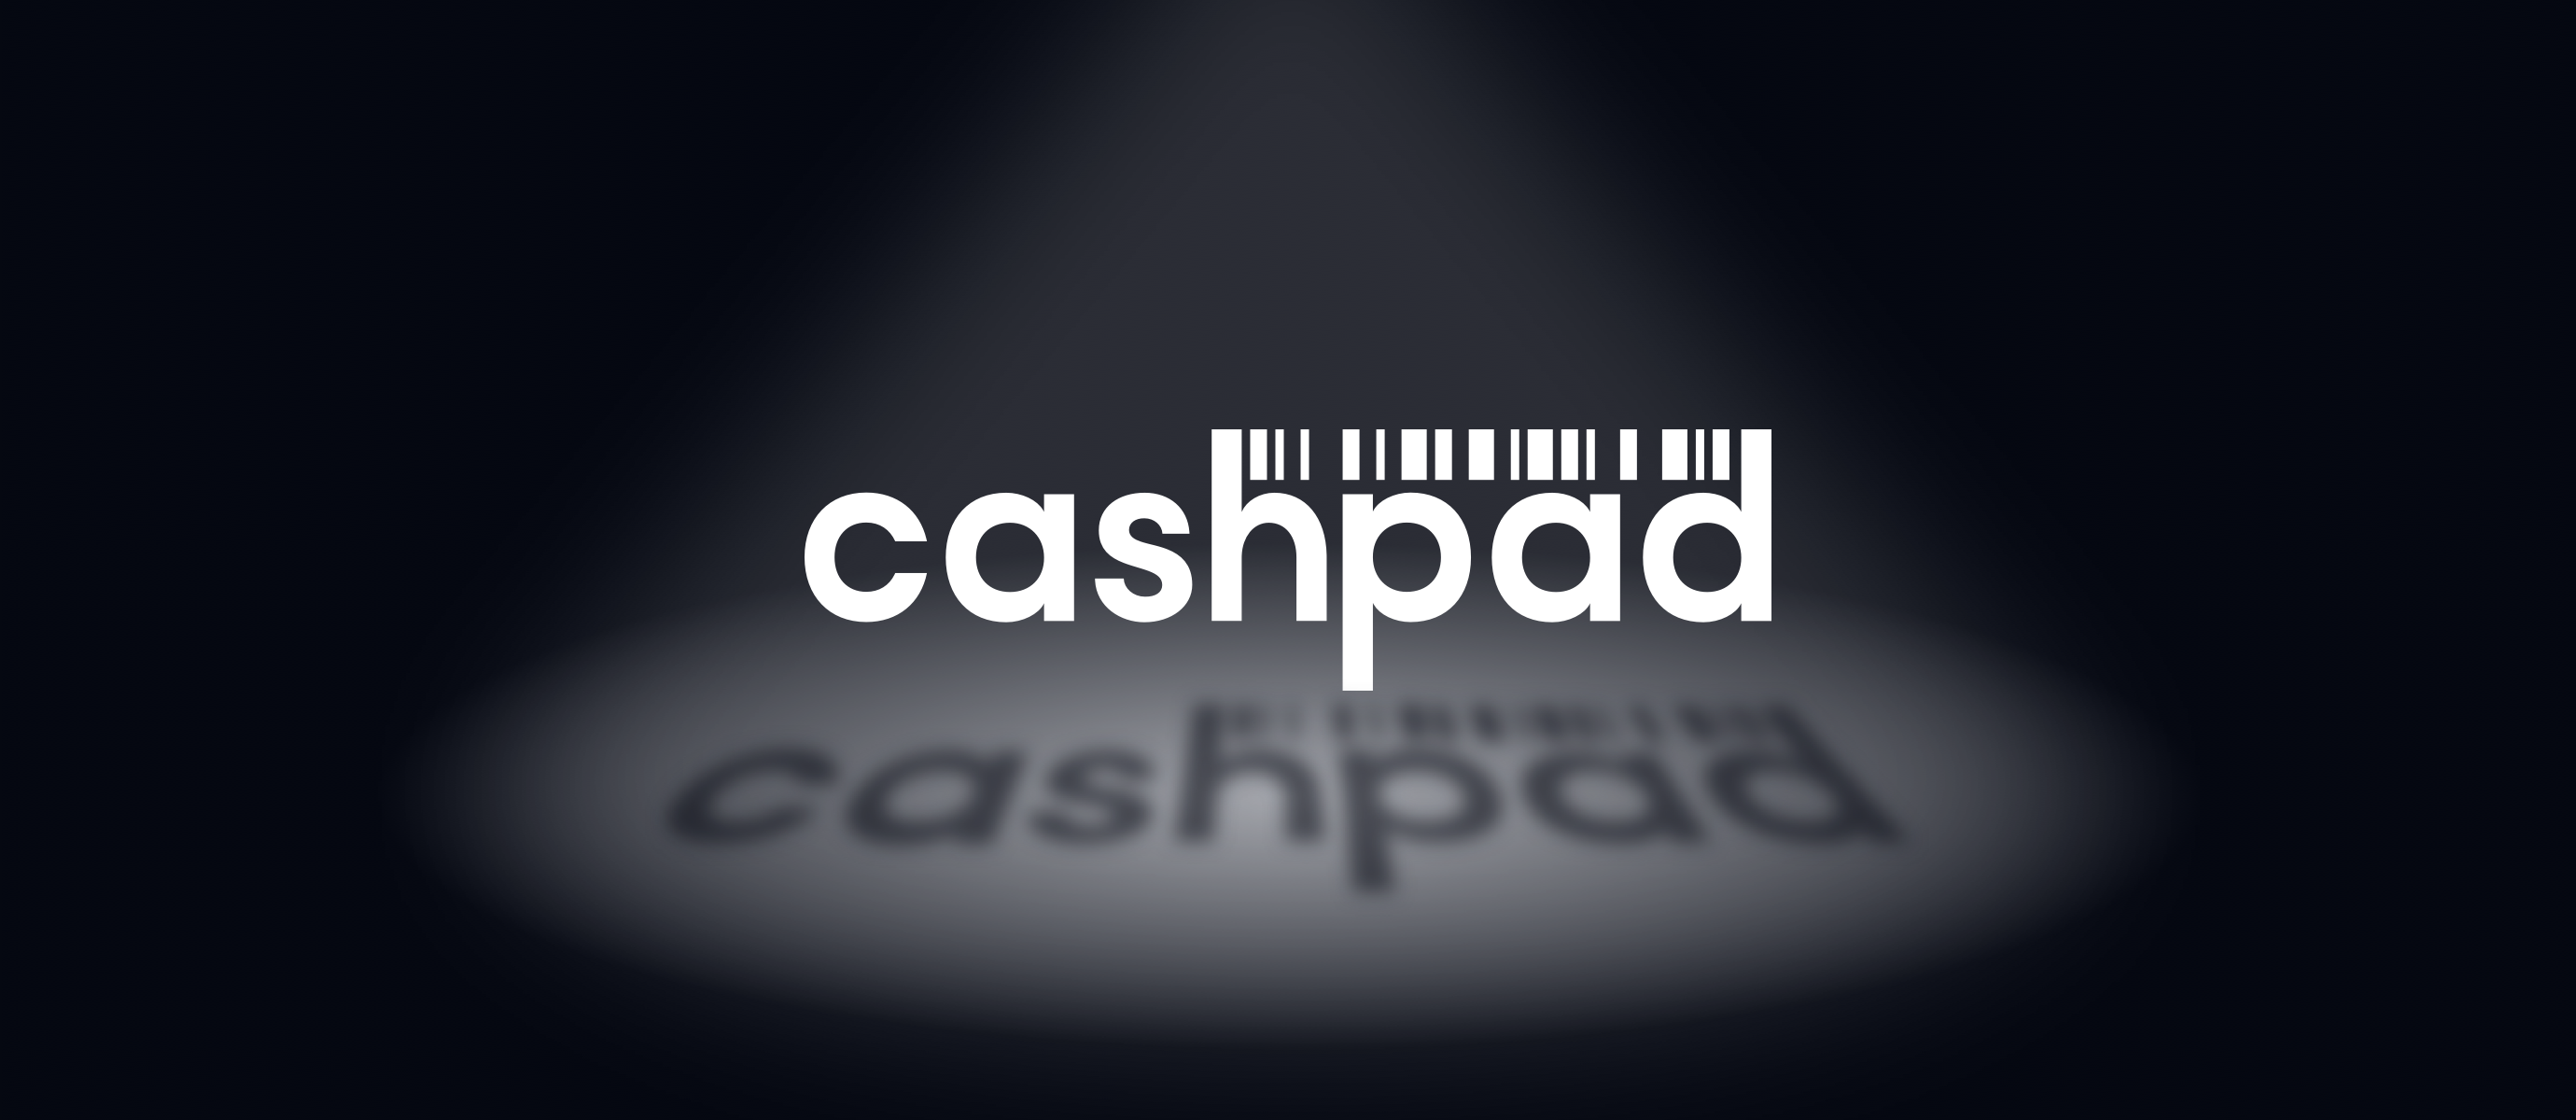 It's show time ! Nouveau site, nouvelles couleurs, nouveau logo. Le nouveau Cashpad est arrivé !